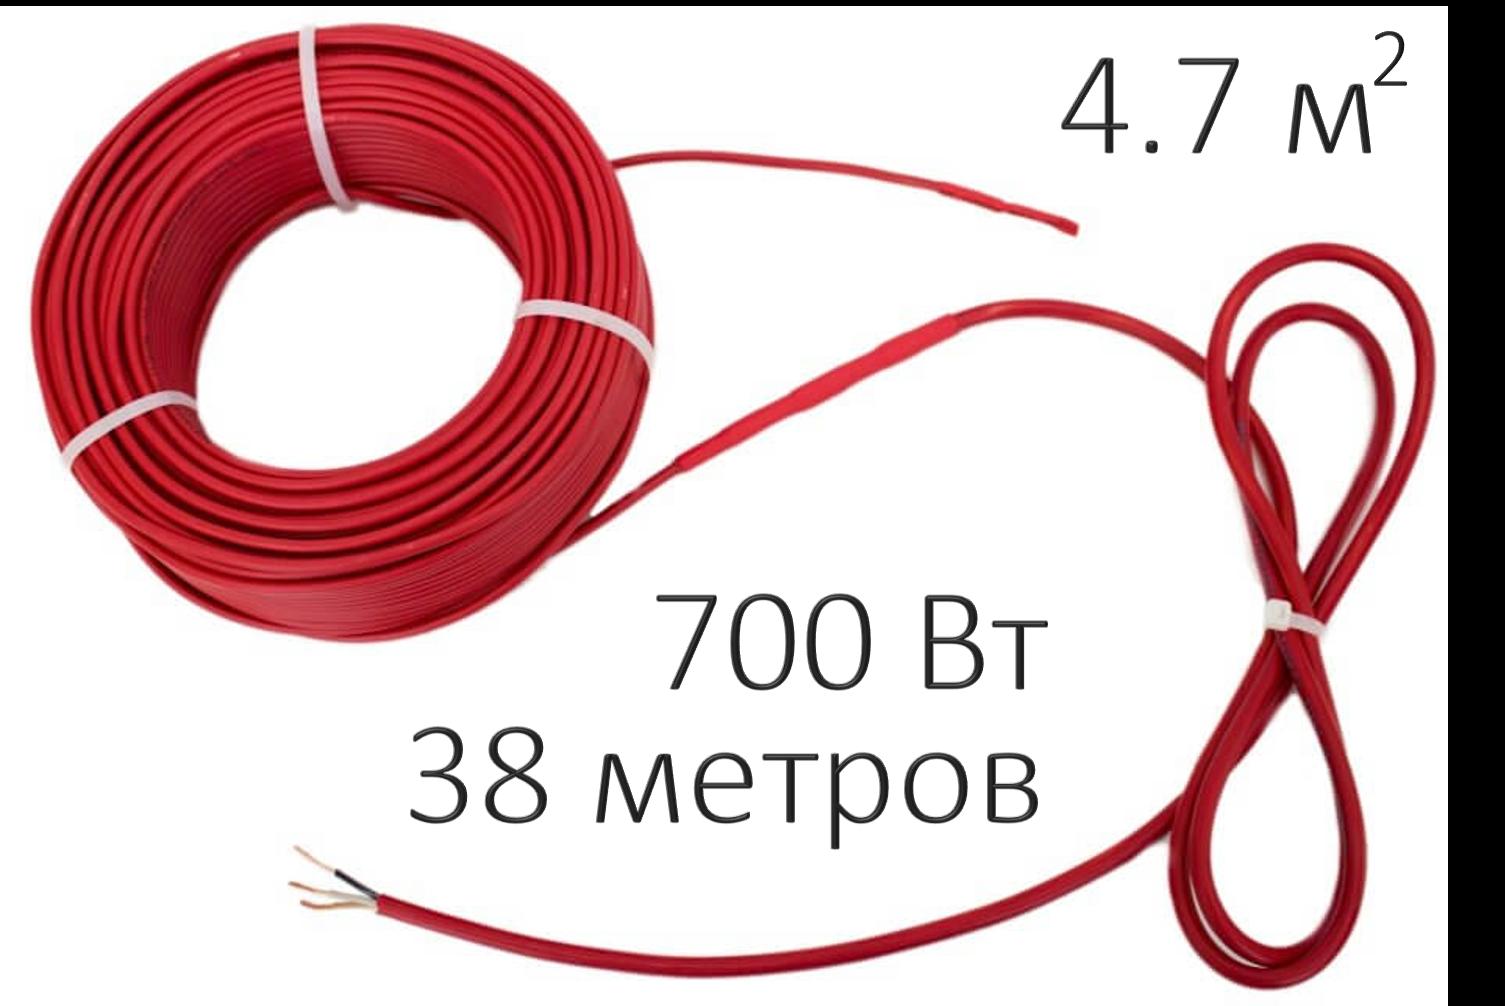 Кабельная нагревательная секция СТН КС-700 (700 Вт, 38 пм)